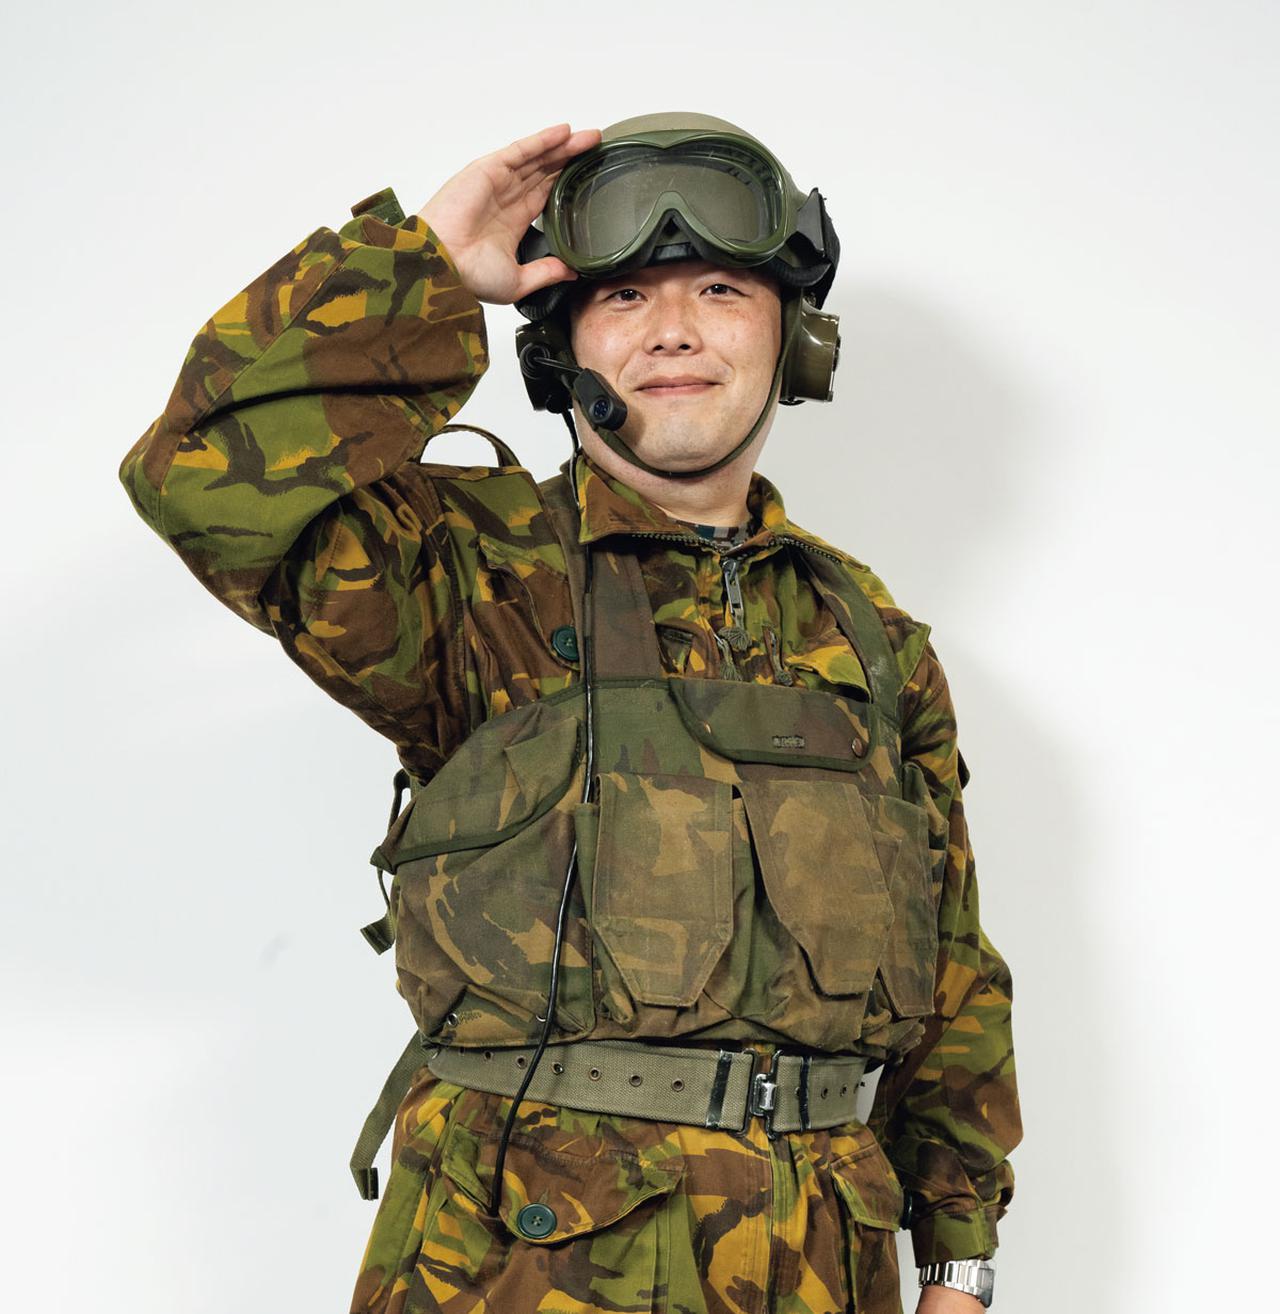 画像3: マニア垂涎。ミリタリー専門家が欲しがる、自衛隊装備5選